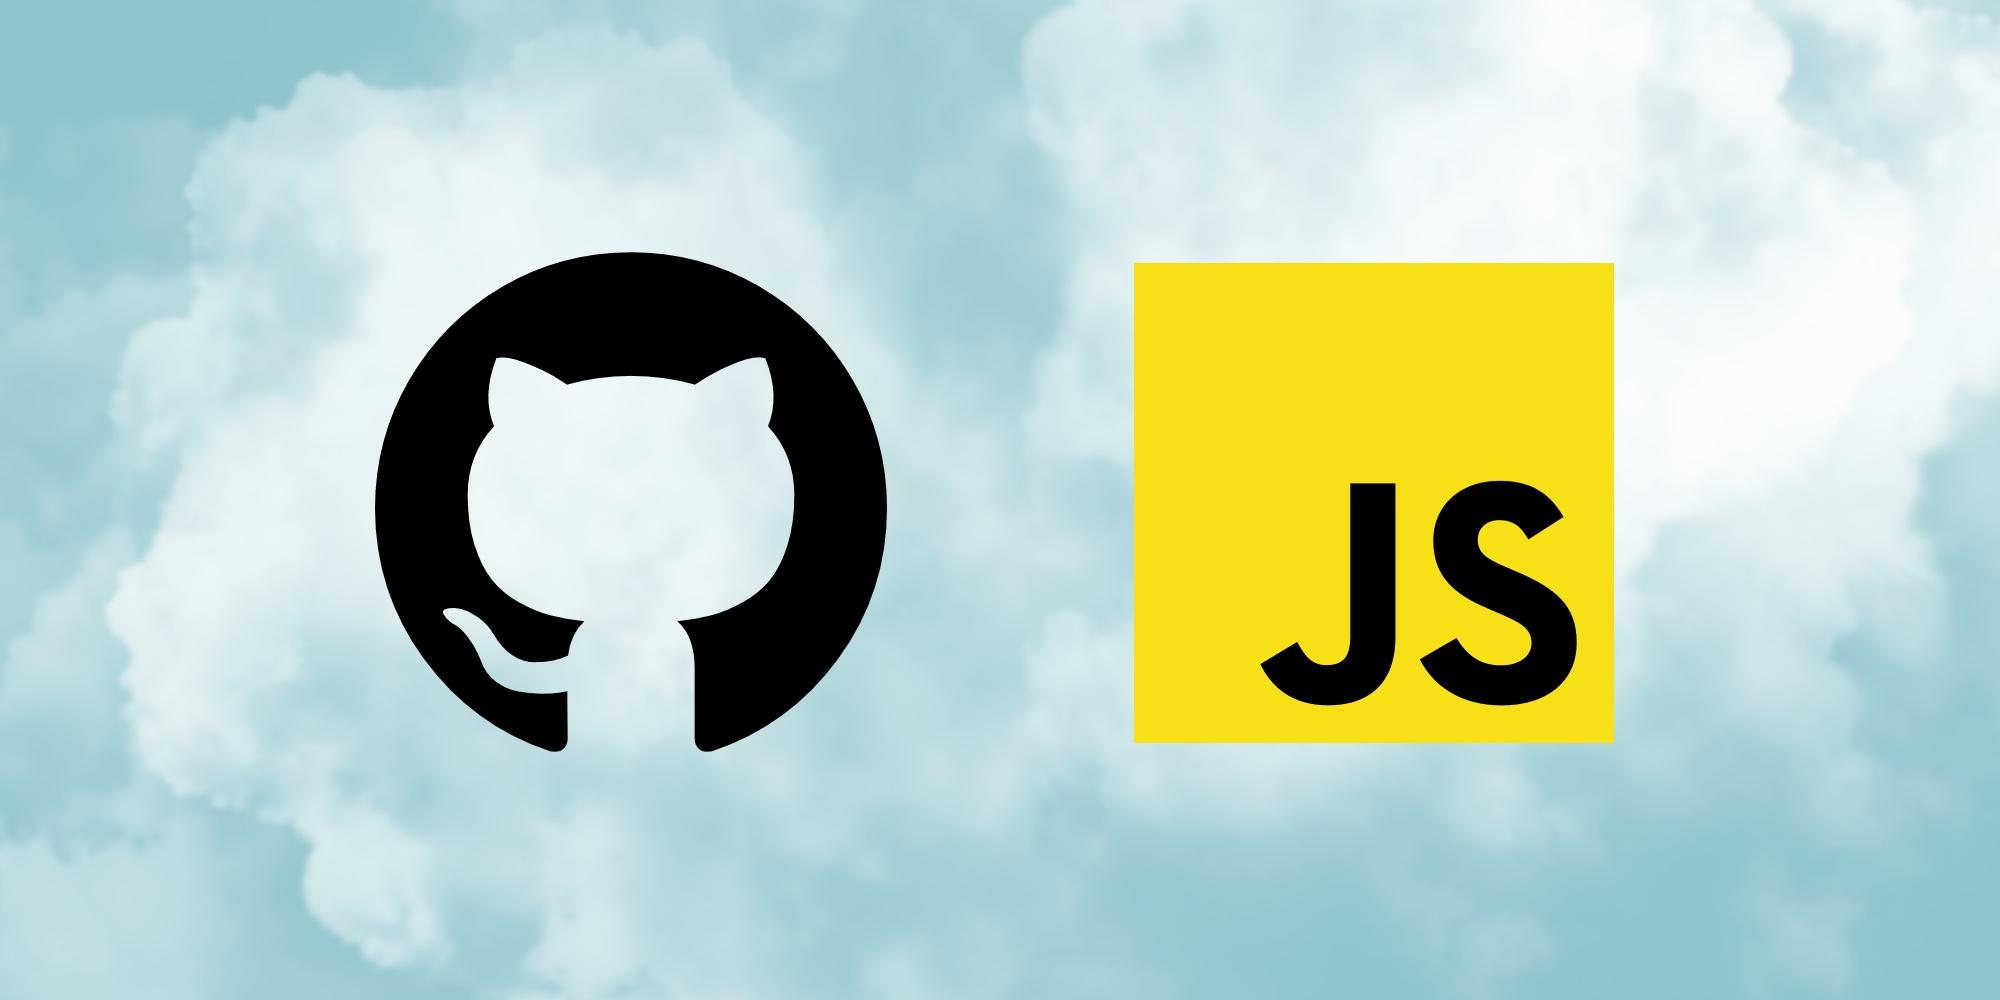 🕸 Обучение веб-разработке: 20 репозиториев GitHub, о которых должен знать каждый